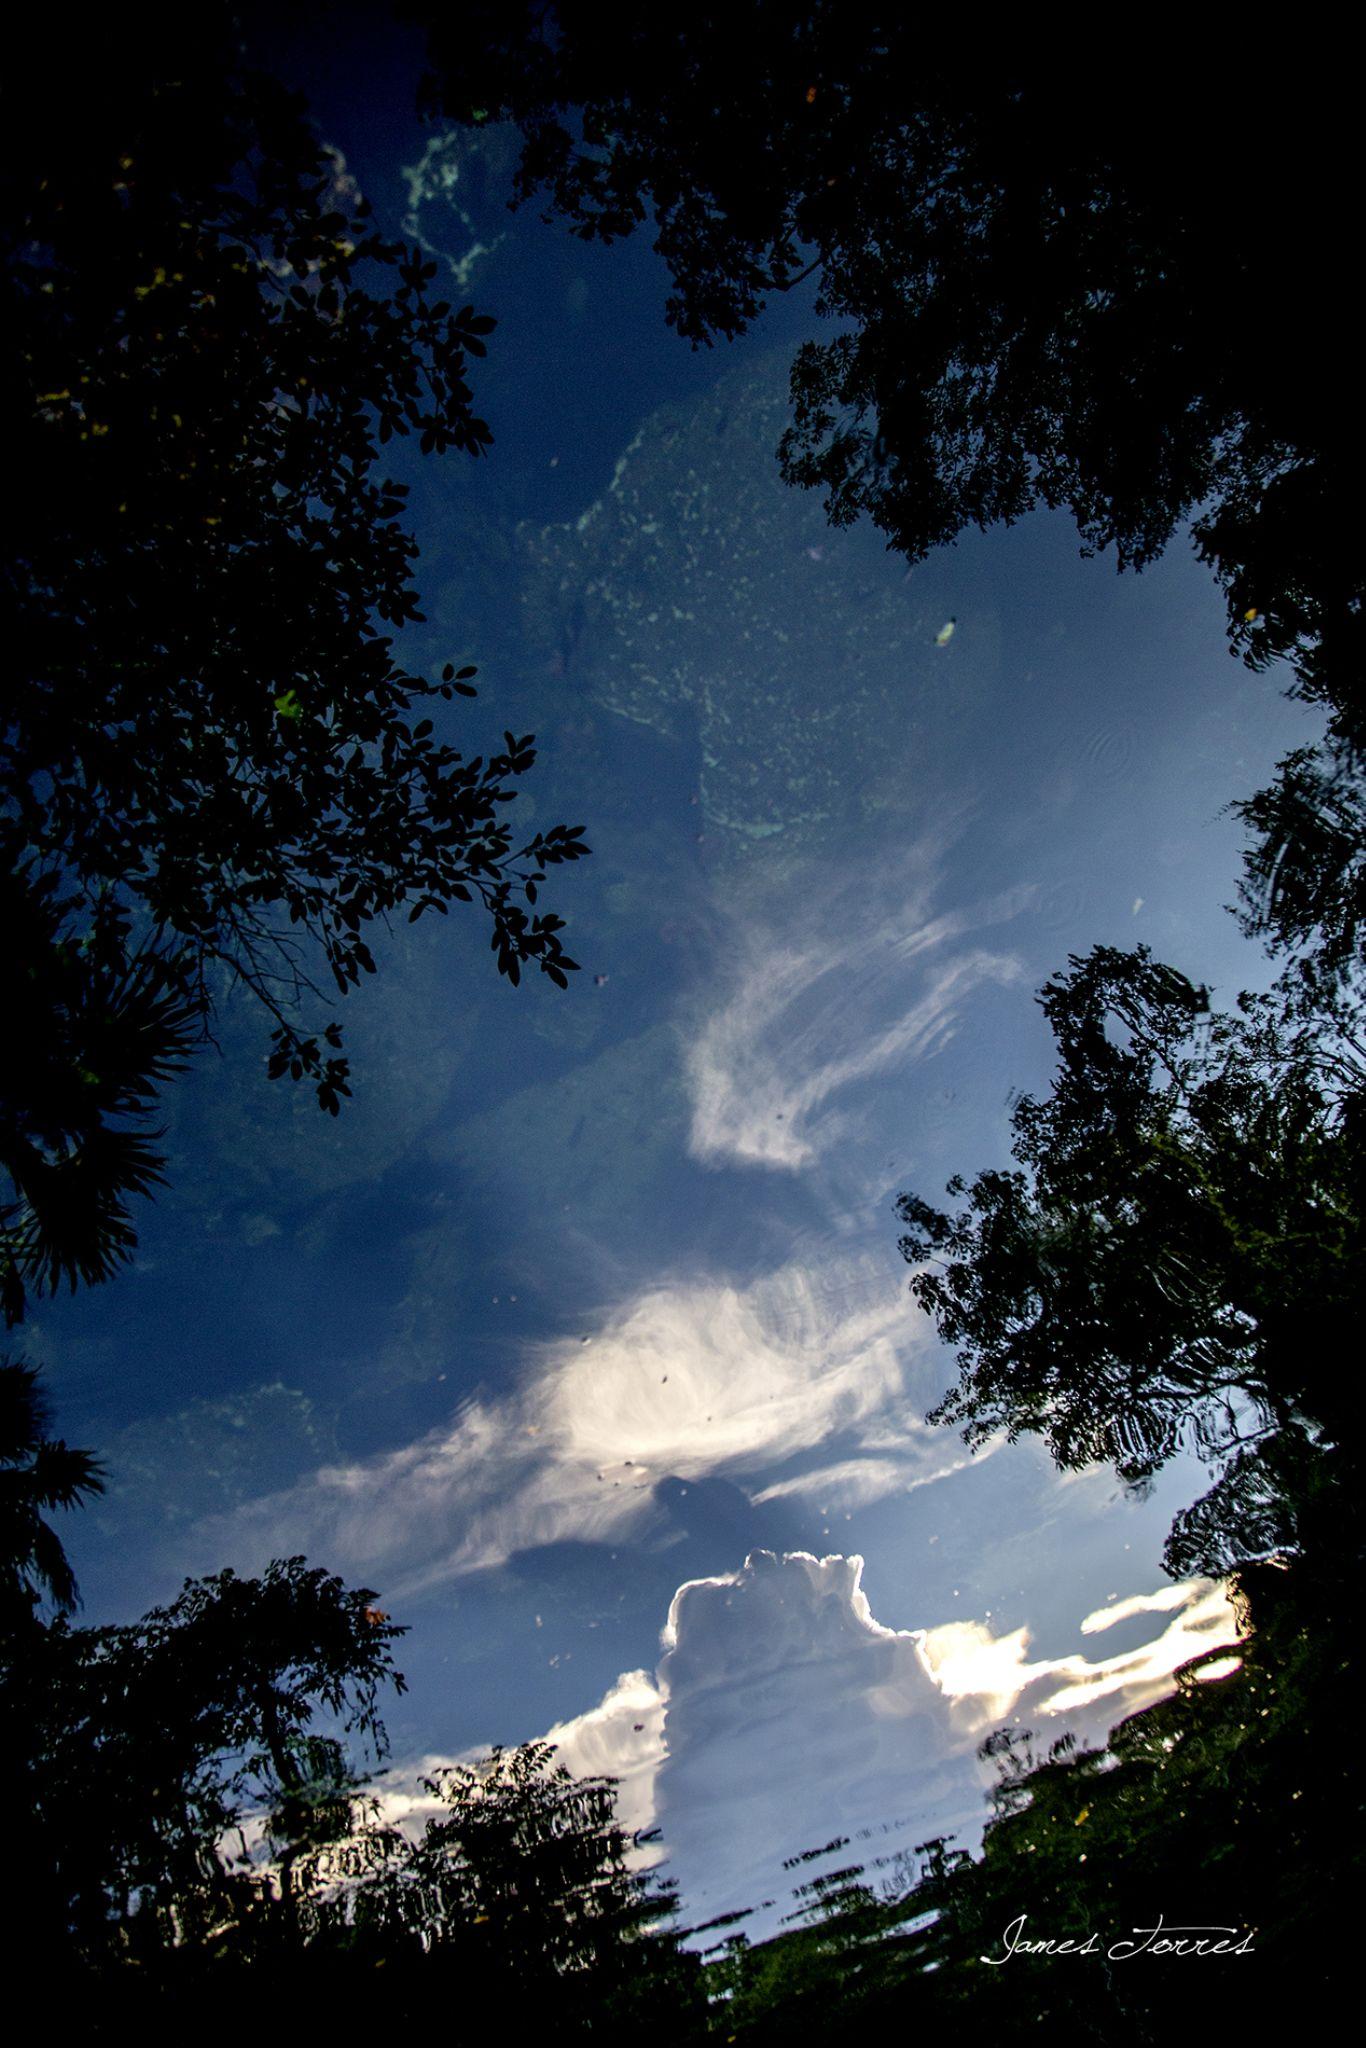 Cielo despejado by James Torres